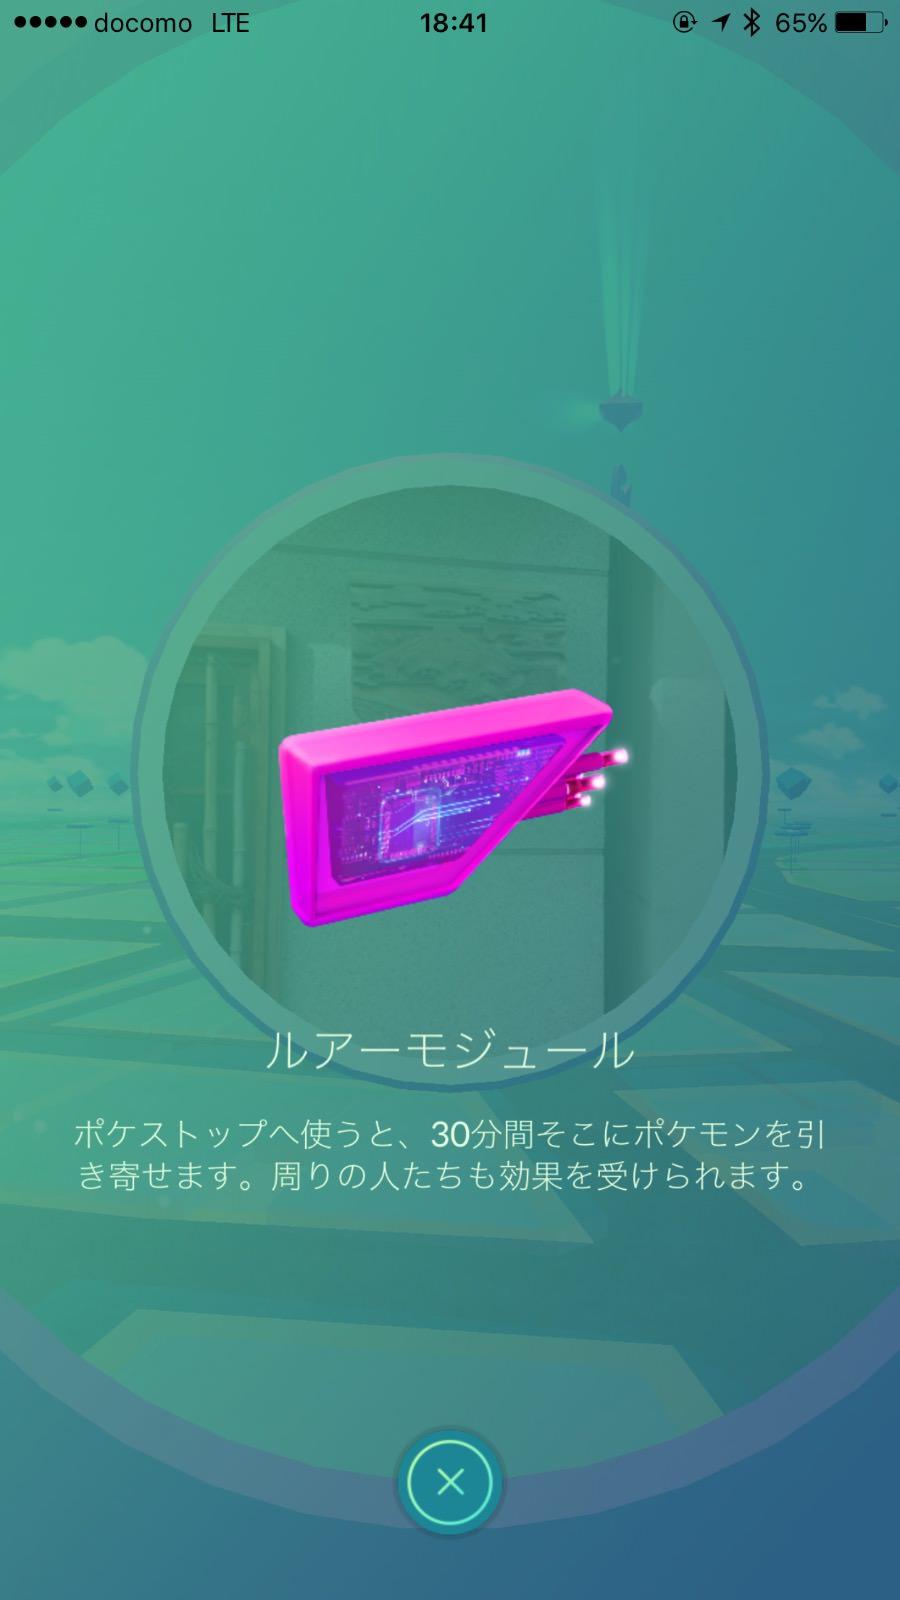 Pokemon go 6515